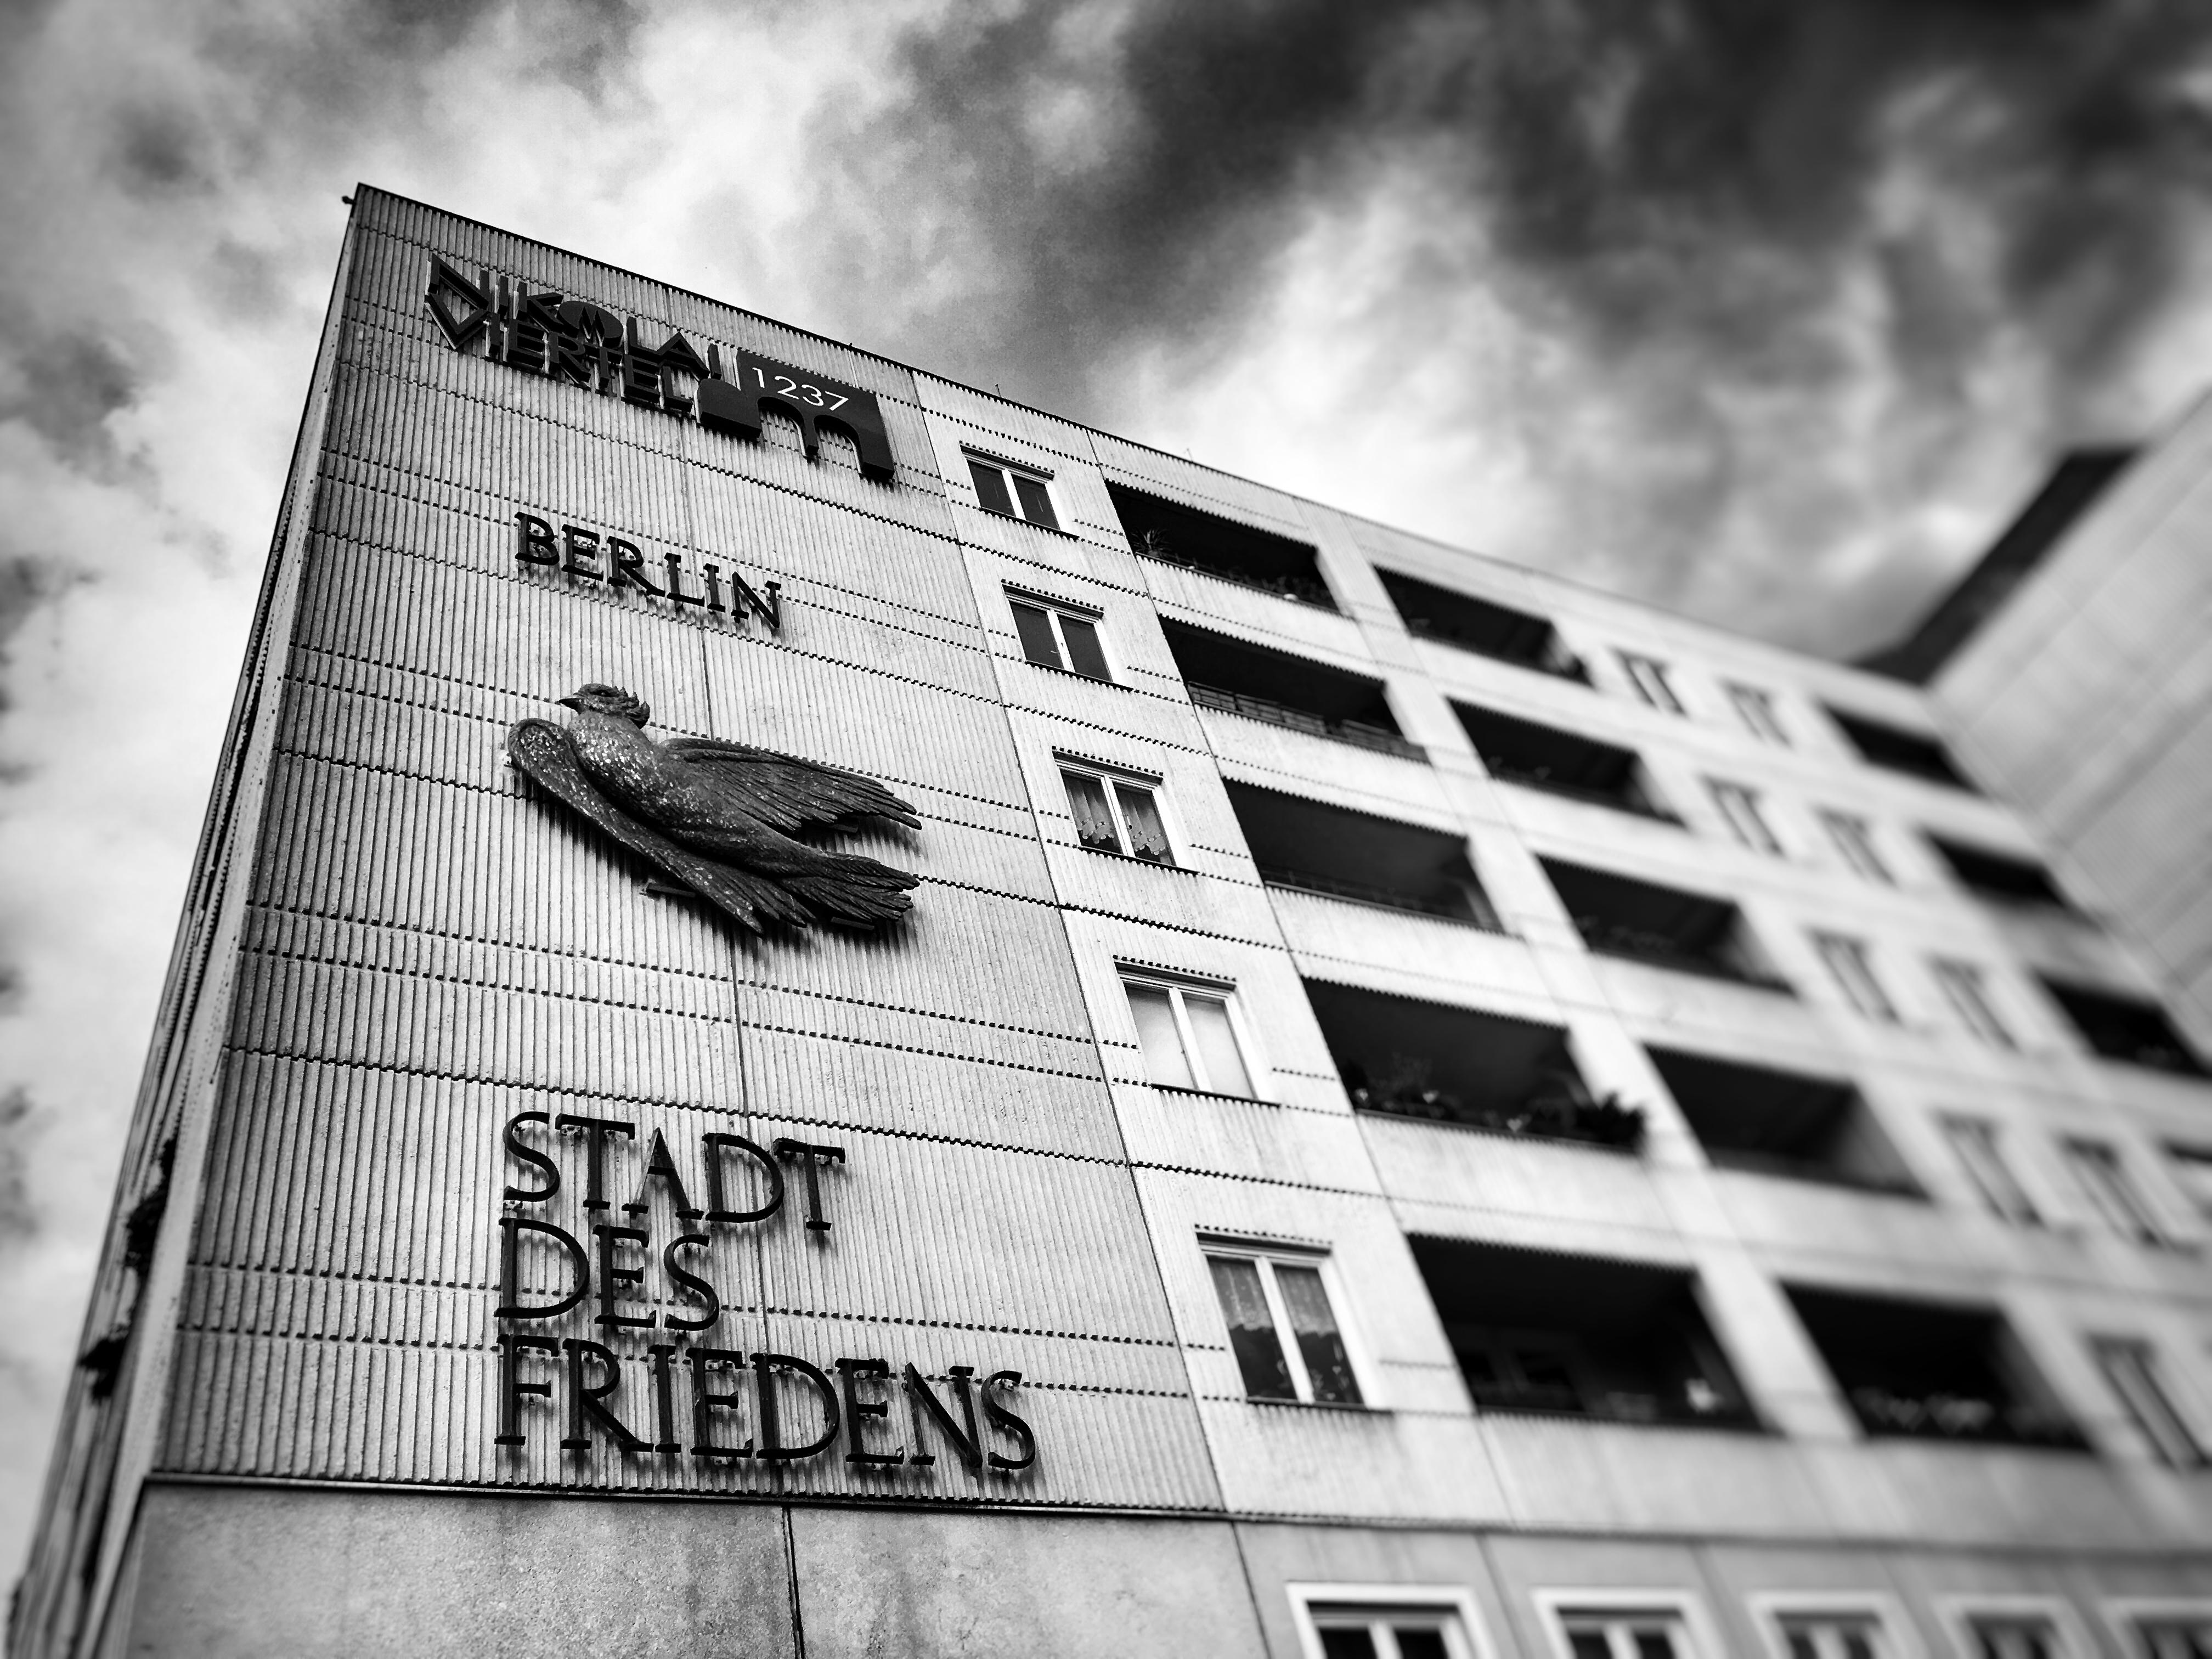 """Plattenbauten im Nikolaiviertel mit Schriftzug """"Berlin Stadt des Friedens"""""""